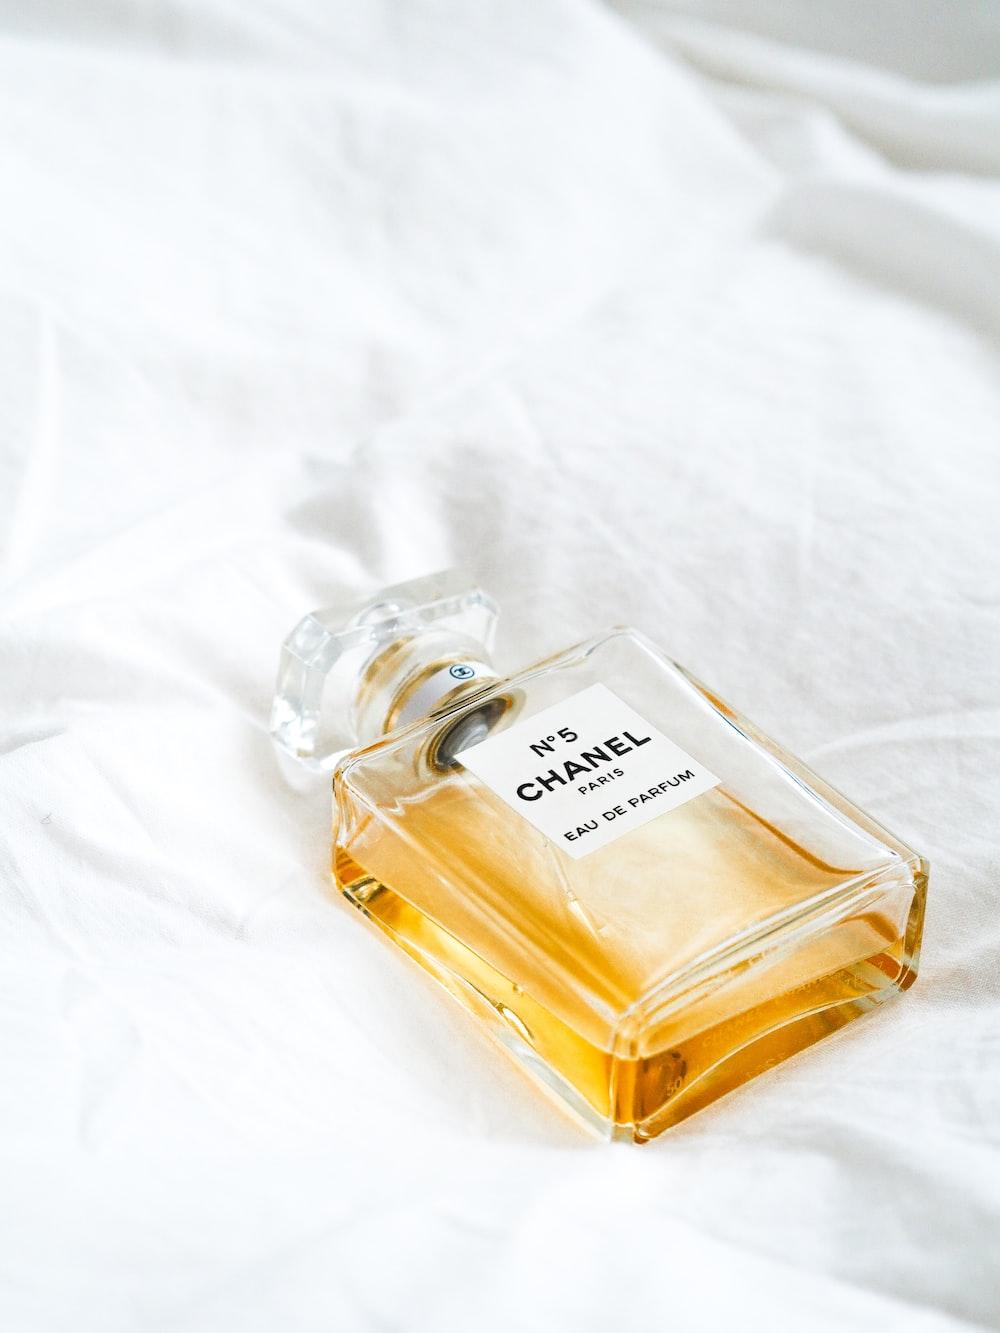 而這款CHANEL No.5 Eau de Parfum由調香師Jacques Polge於1986年調製,香味最接近原版Chanel N°5,味道只是略淡一點。乙醛繁花香調流露純粹迷人的女人味,深得無數女生的青睞。